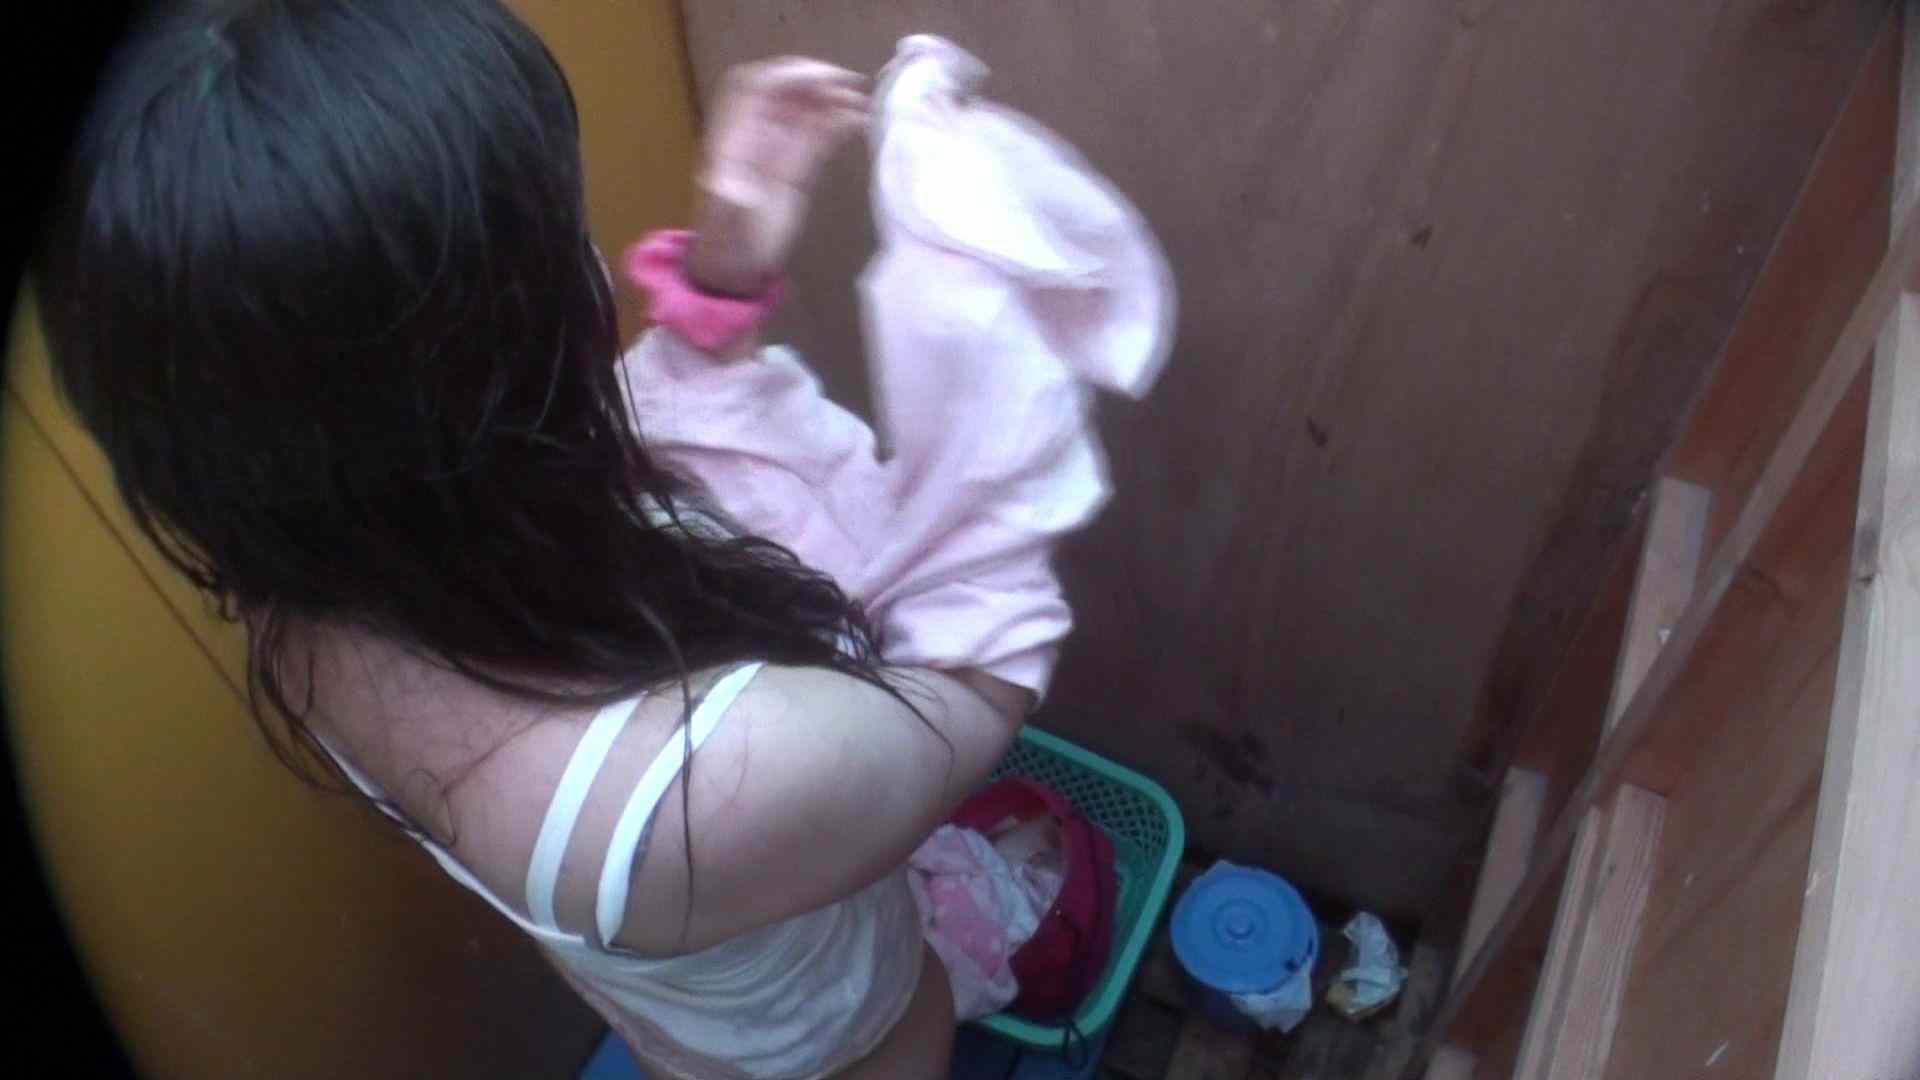 シャワールームは超!!危険な香りVol.13 ムッチムチのいやらしい身体つき シャワー  111pic 103